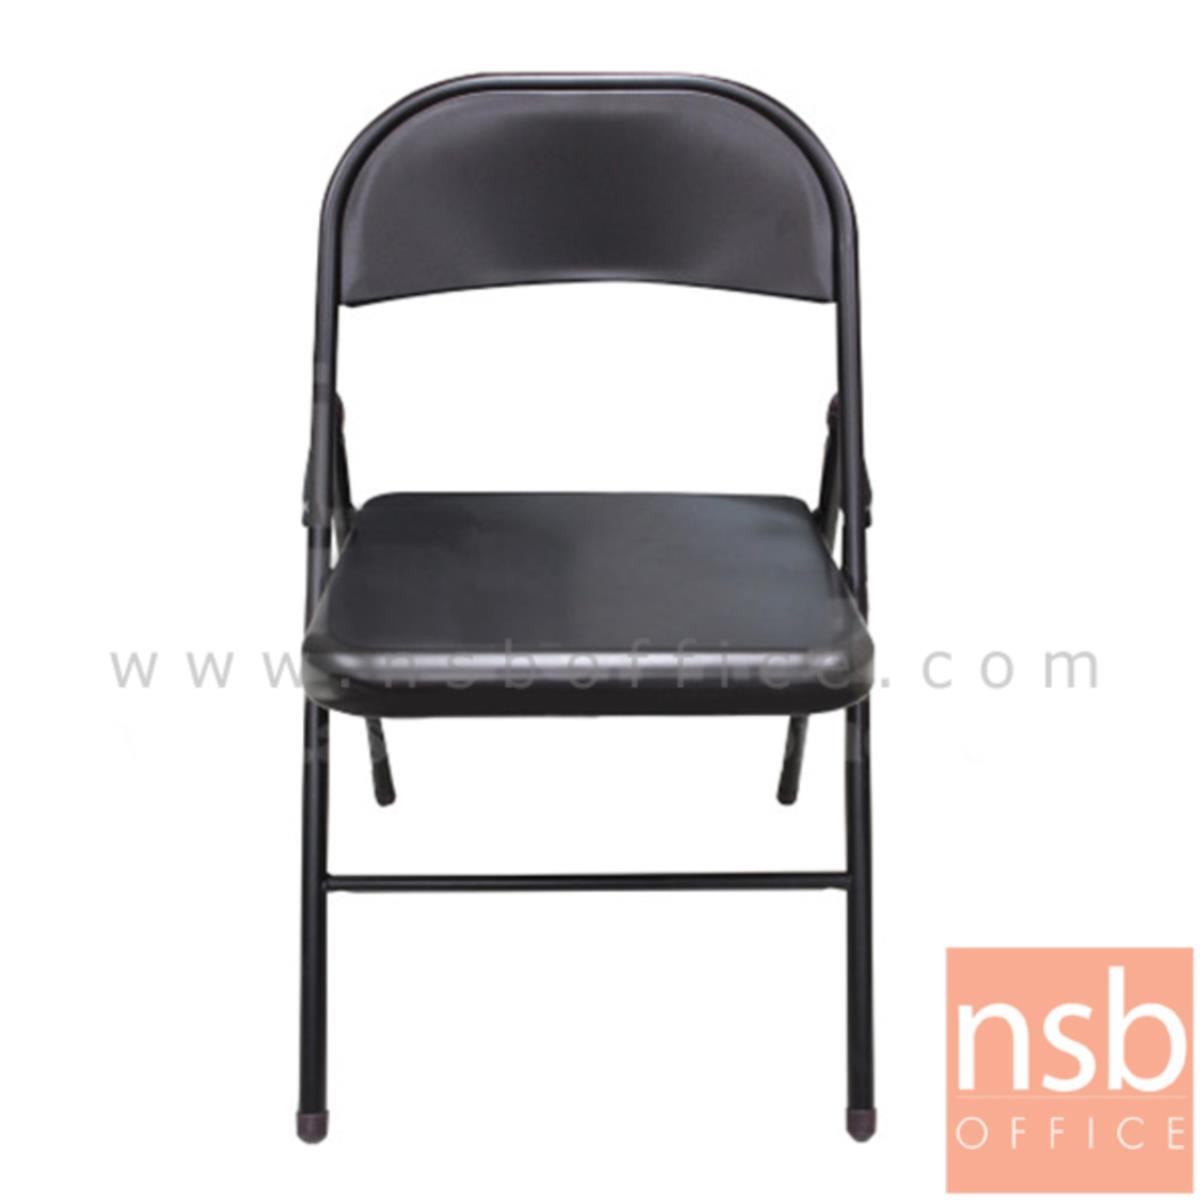 B10A088:เก้าอี้พับ รุ่น FT-L032 ที่นั่ง-พนักพิงหุ้มหนังเทียม